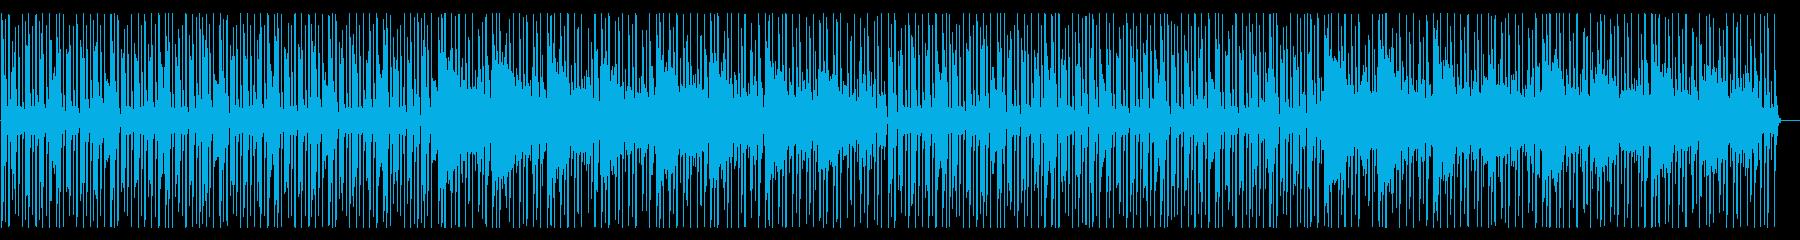 ポップで軽快な8ビット、チップチューン系の再生済みの波形